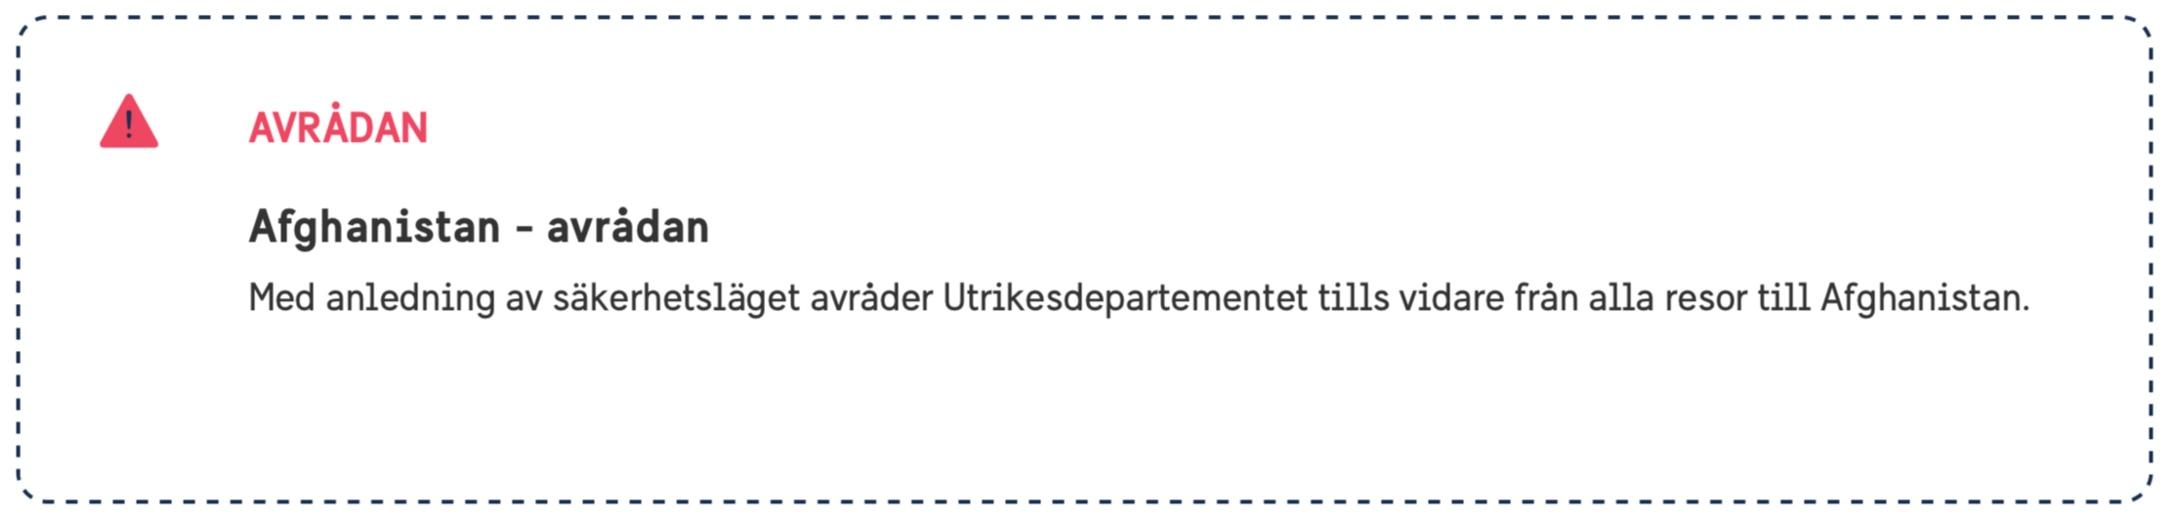 Sk%C3%A4rmavbild+2019-09-10+kl.+13.34.06.jpg